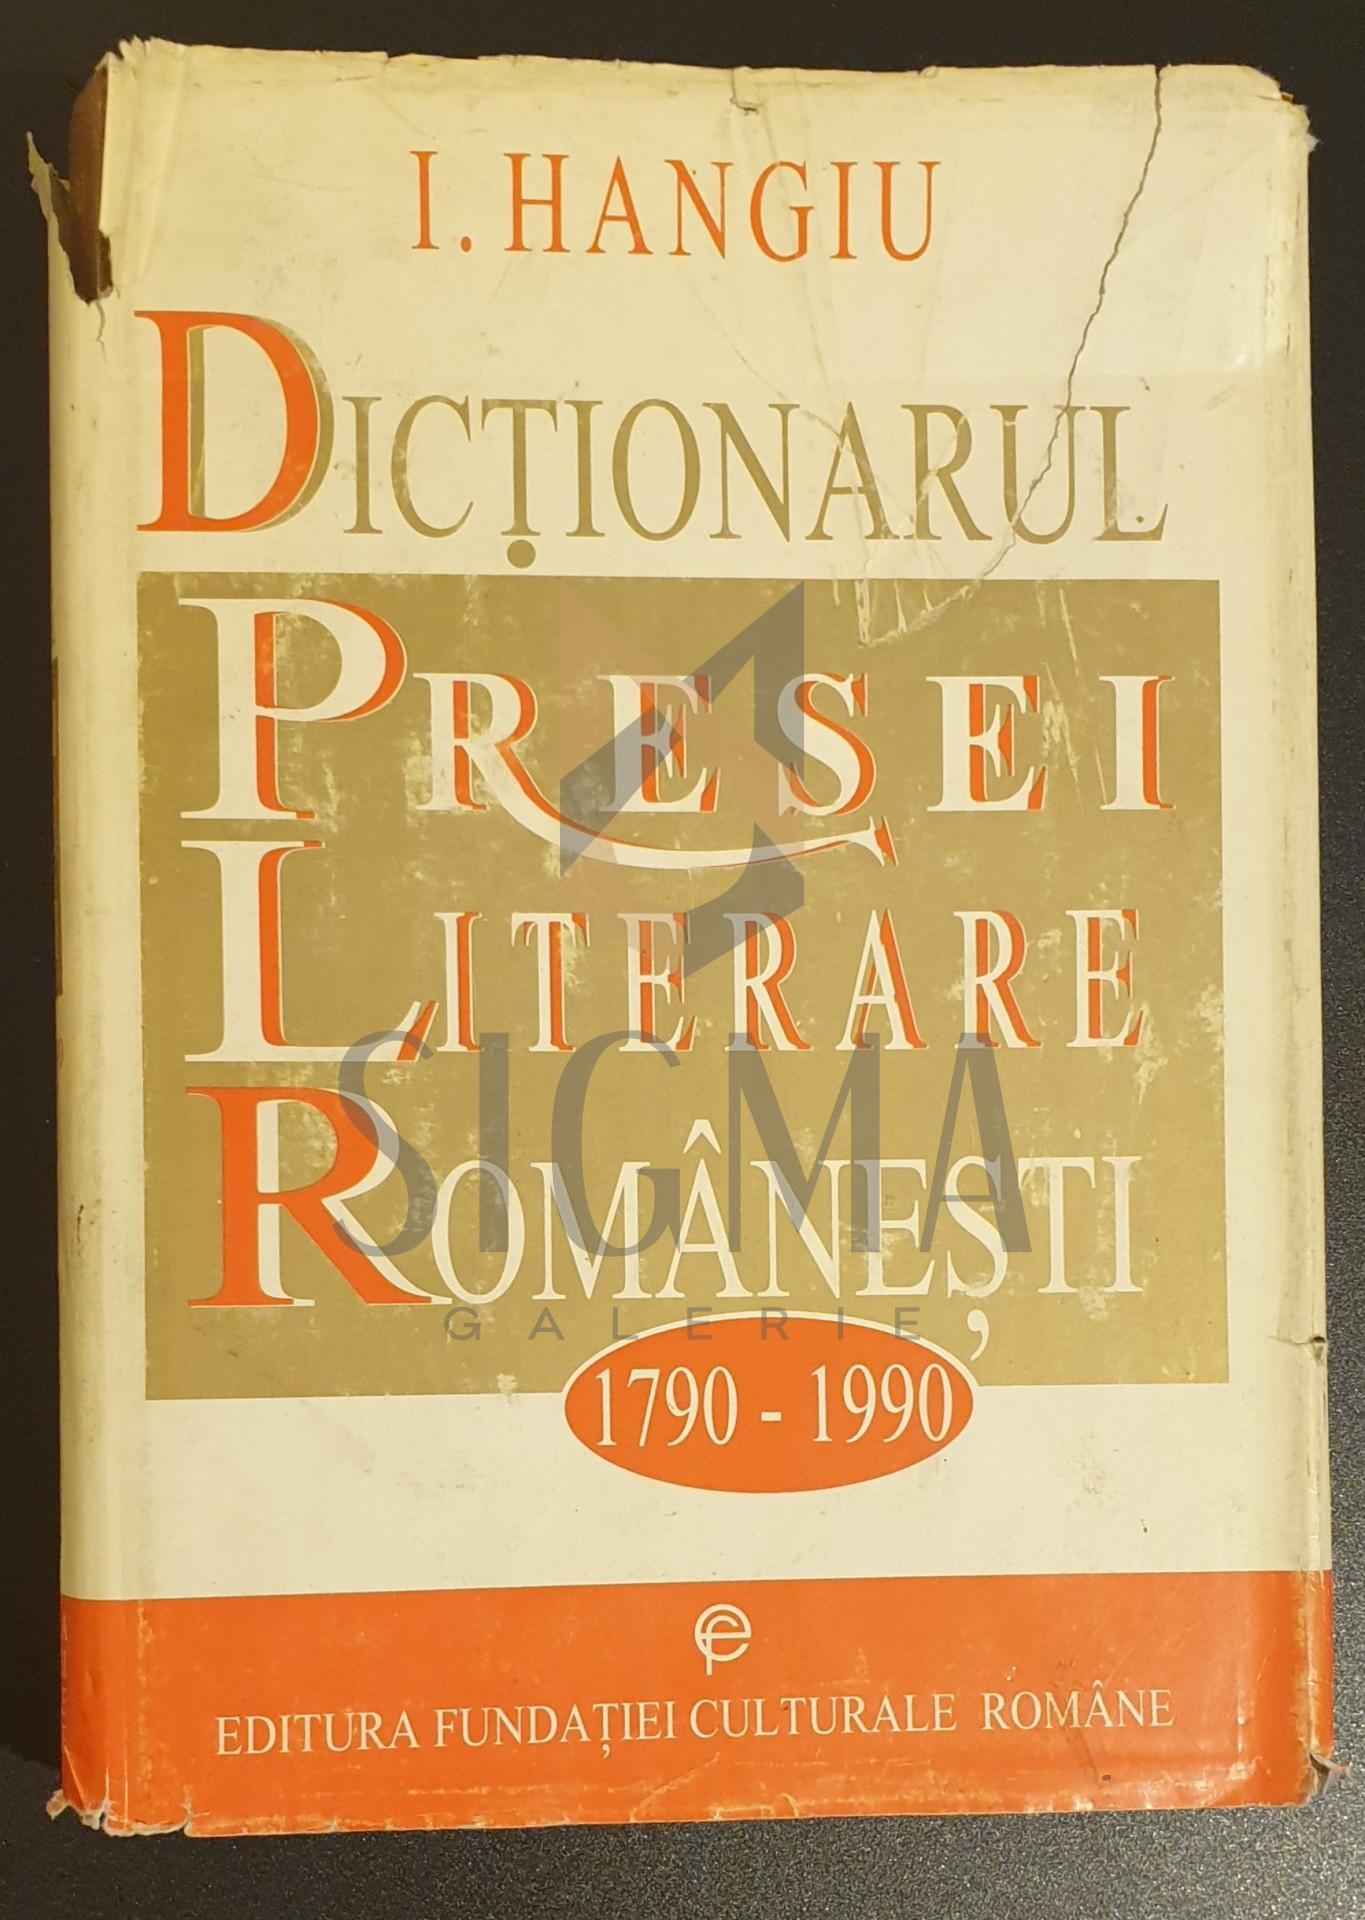 Dictionarul presei literare romanesti 1790-1990